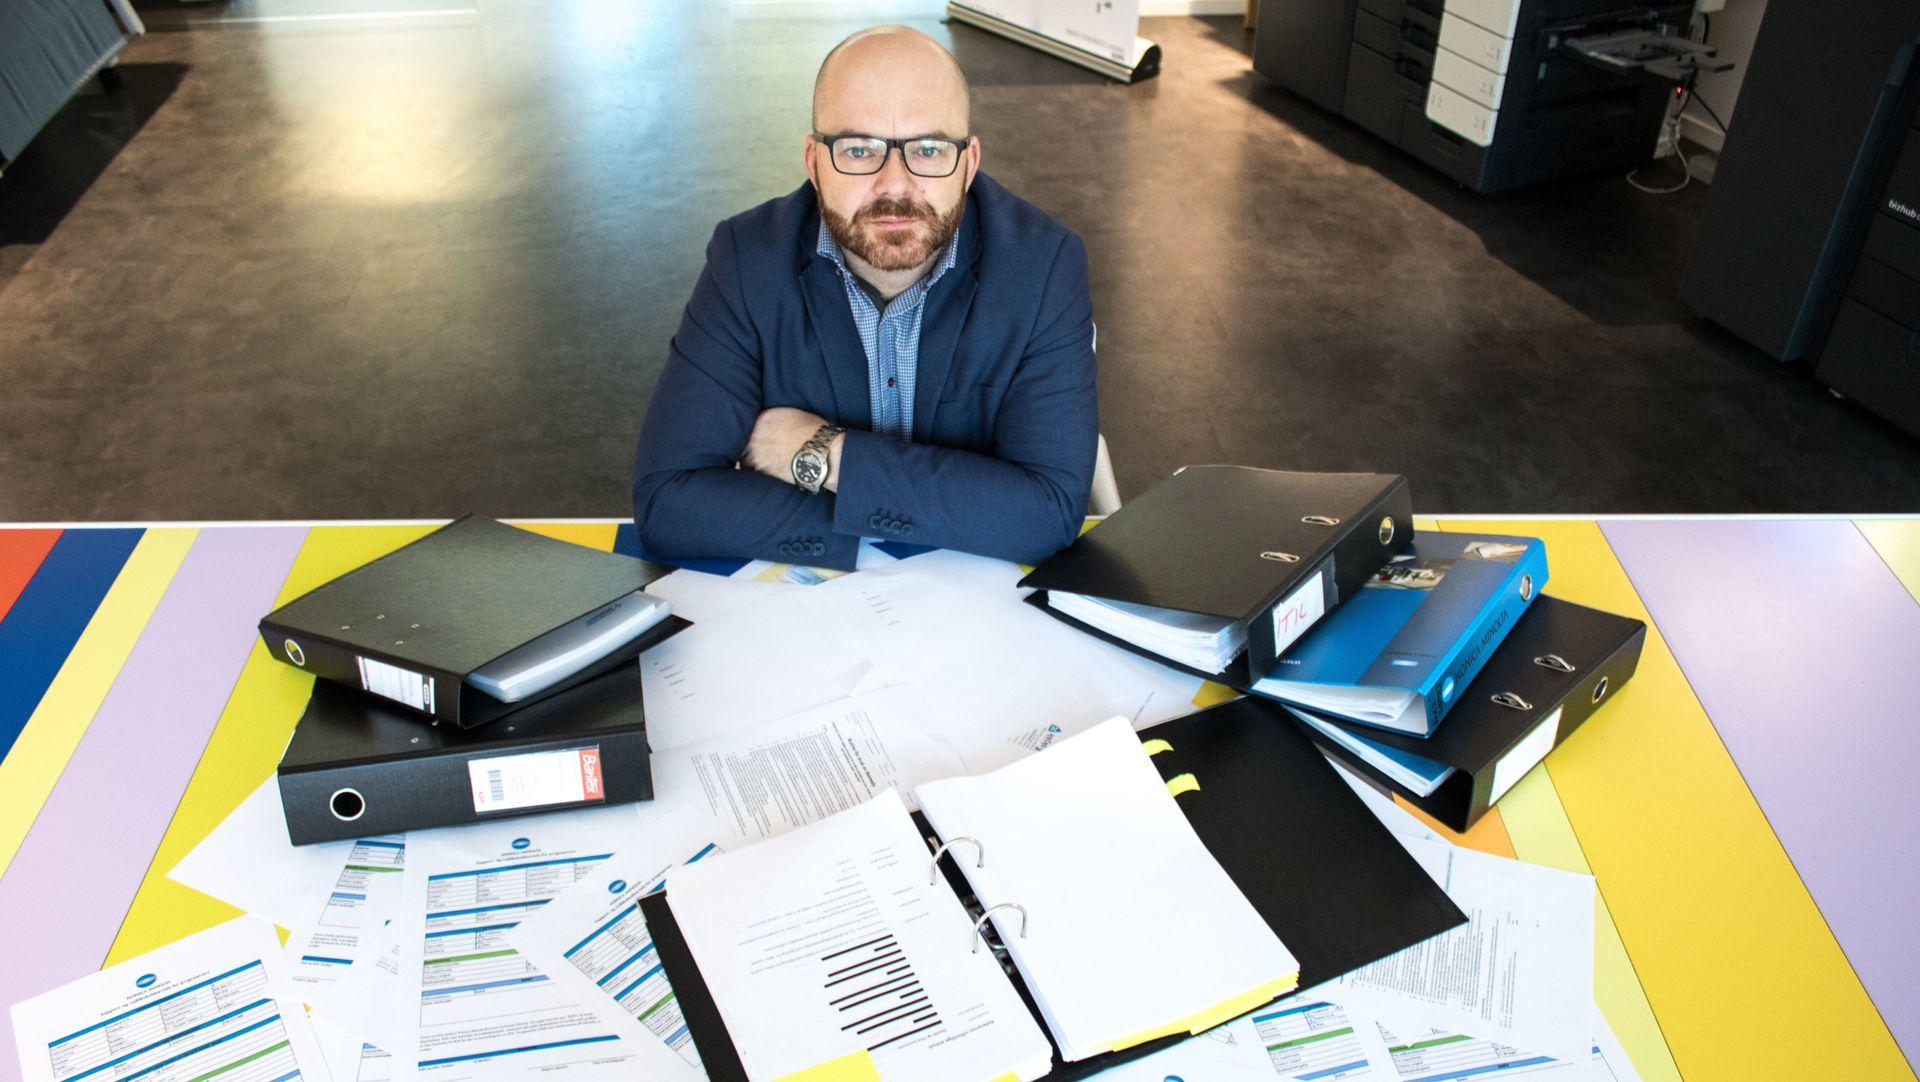 ITS direktør Thomas Grønli så seg lei av bedriftens kontraktskaos, løsningen ble en helt egen skytjeneste.